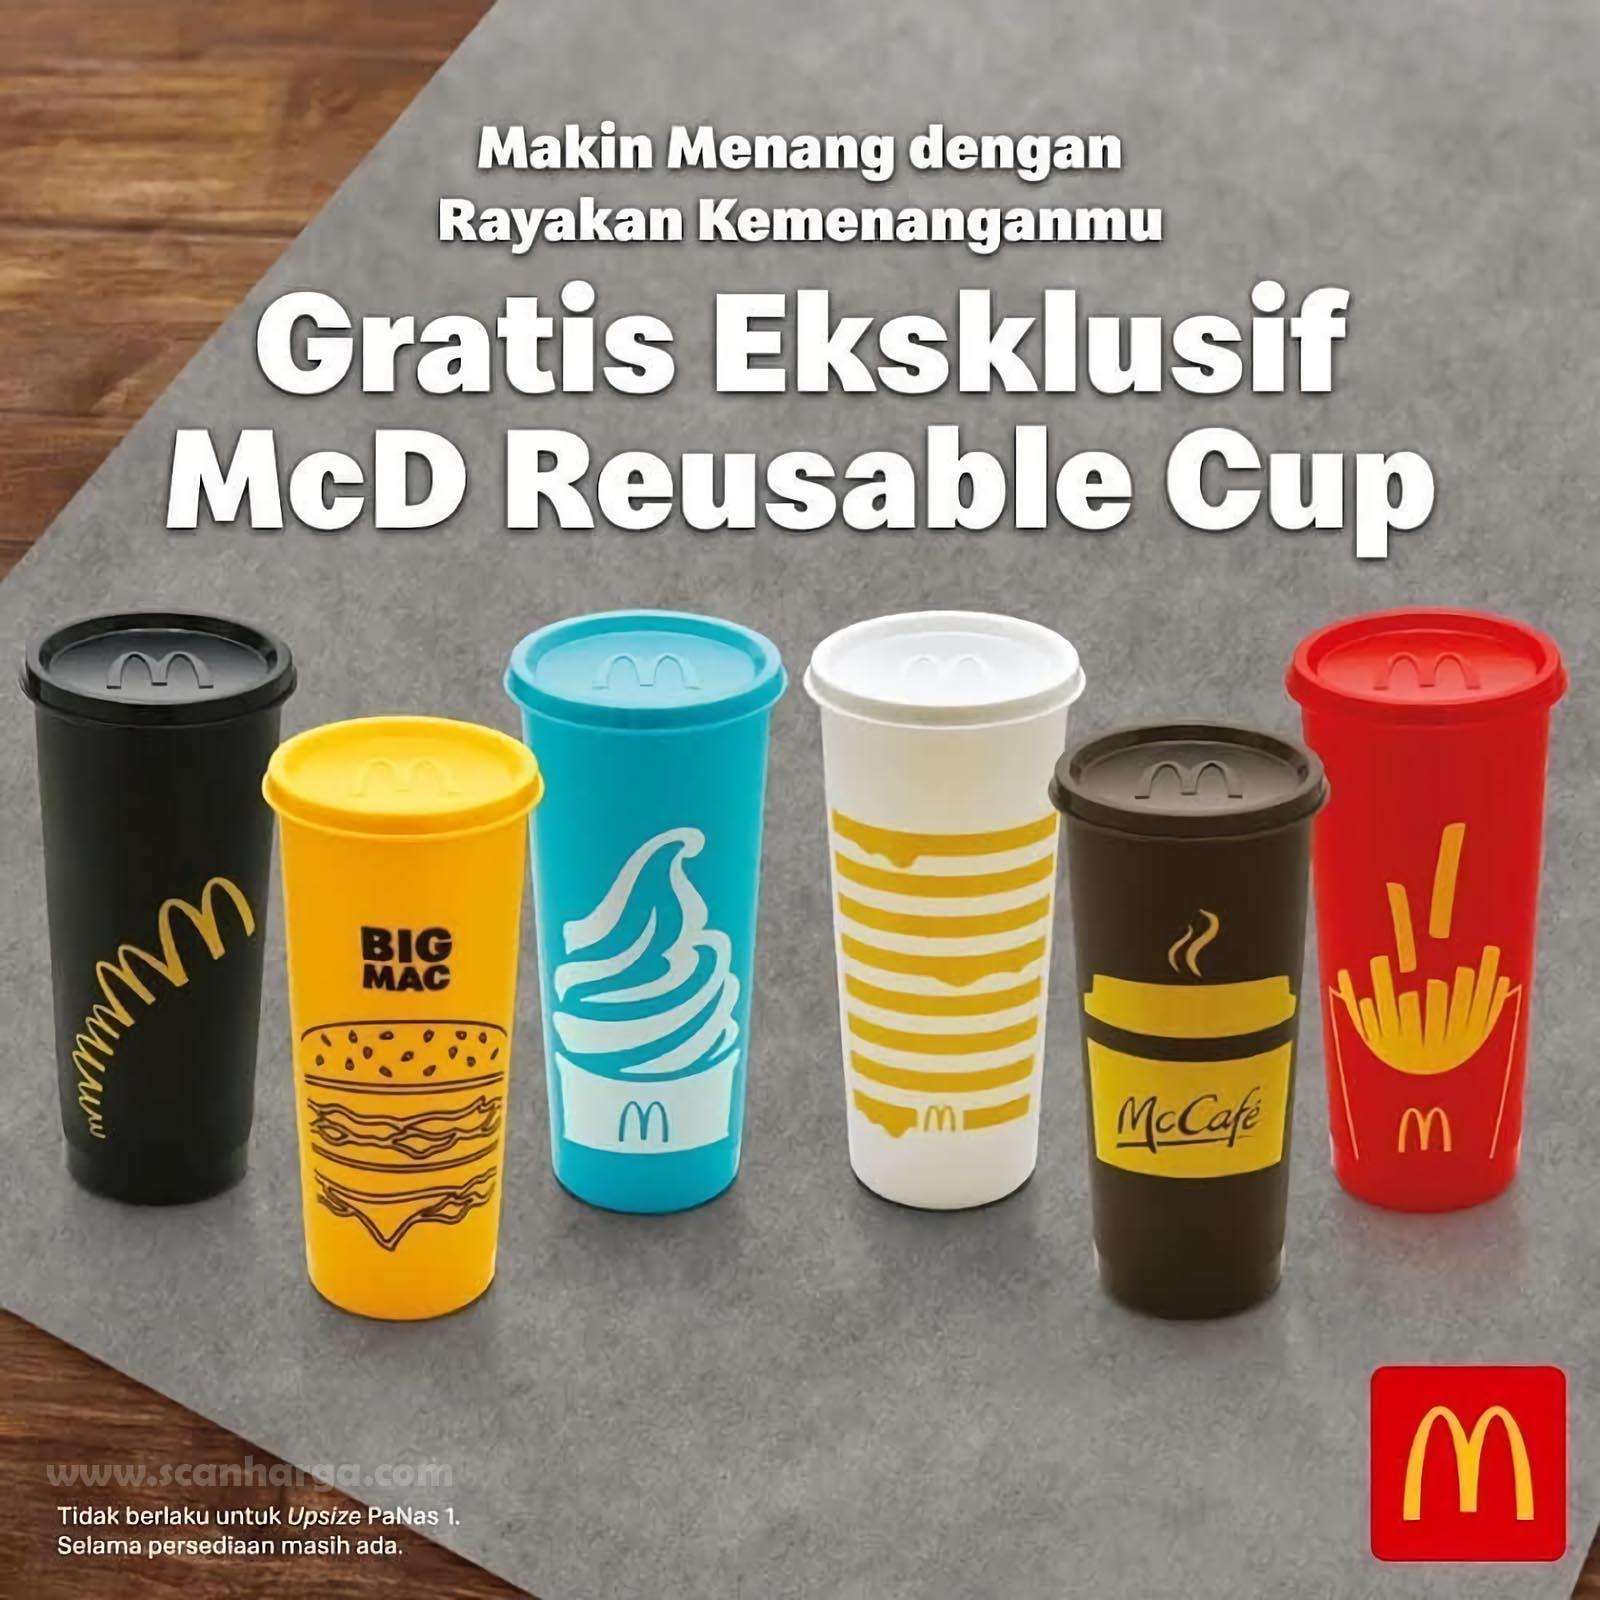 Promo McDonalds Terbaru Gratis Reusable Cup 1 September - 25 Oktober 2020